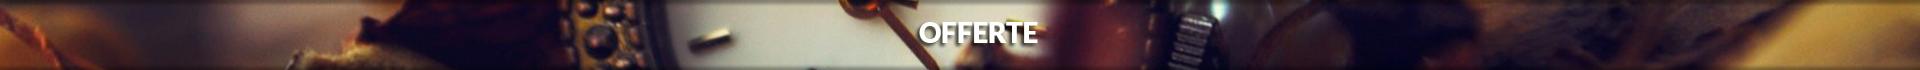 offerte_it